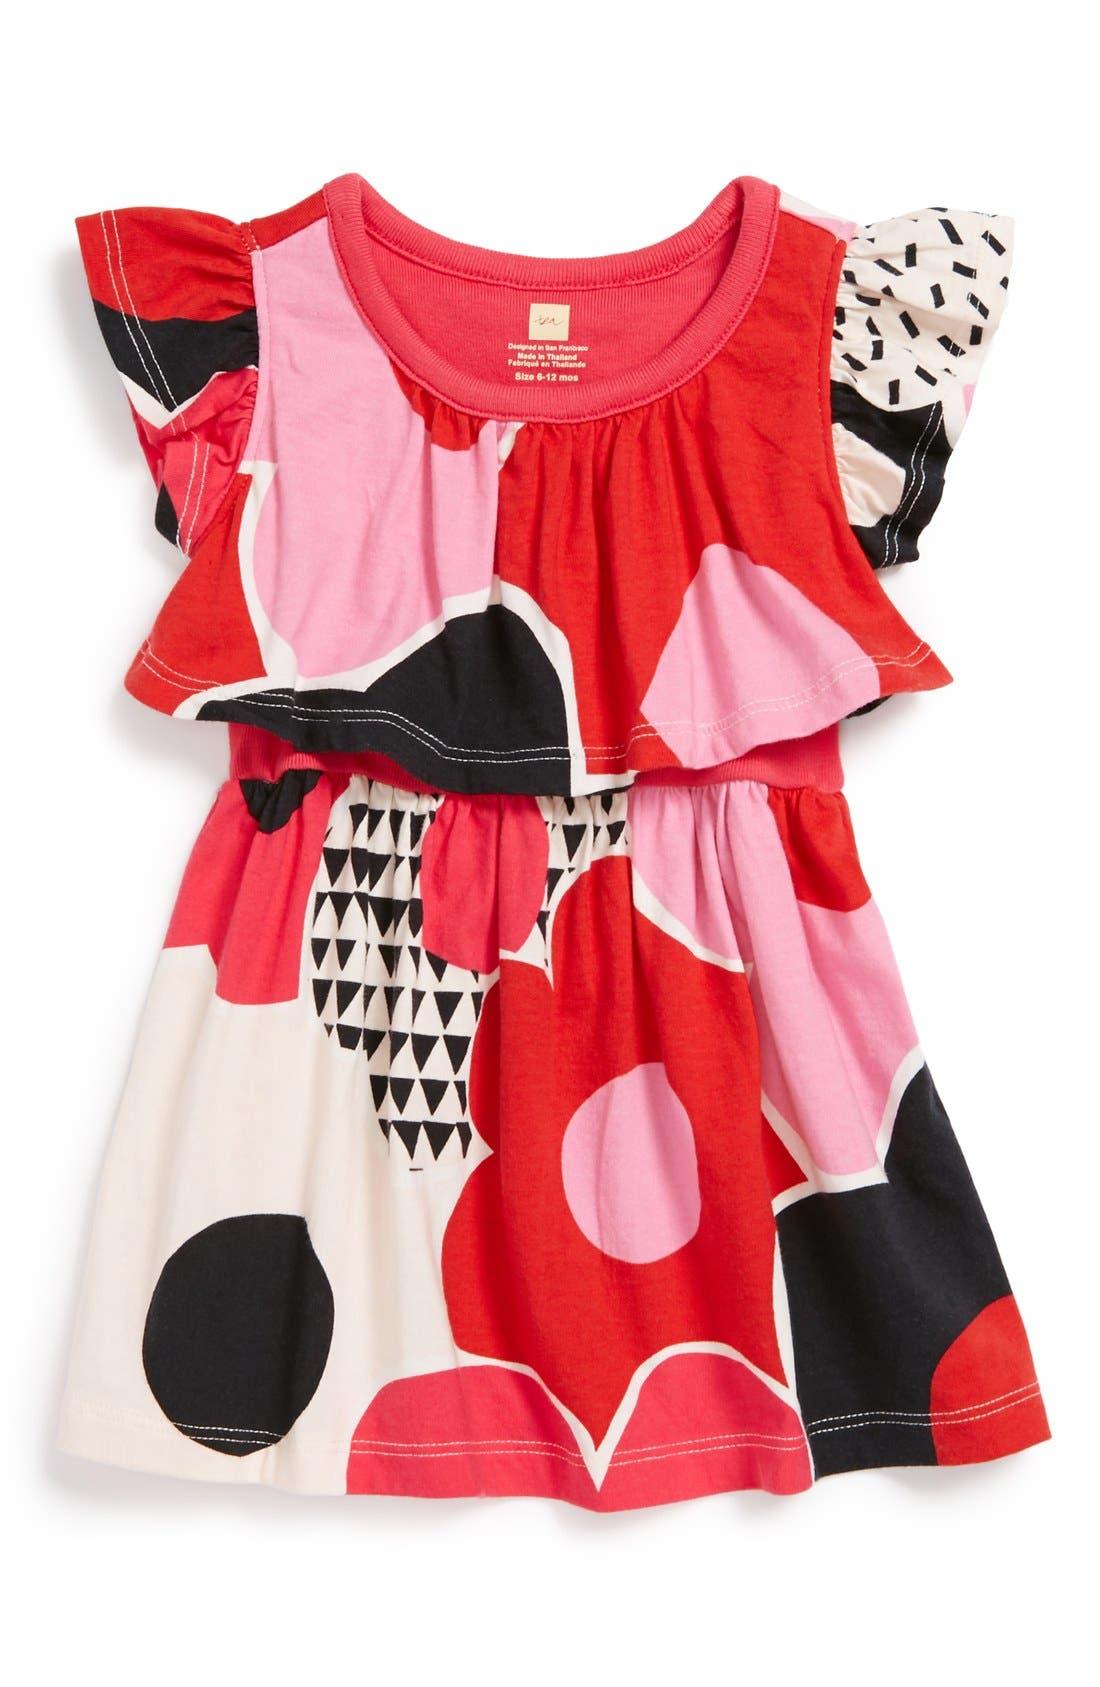 Main Image - Tea Collection 'Mod Medina' Play Dress (Baby Girls)